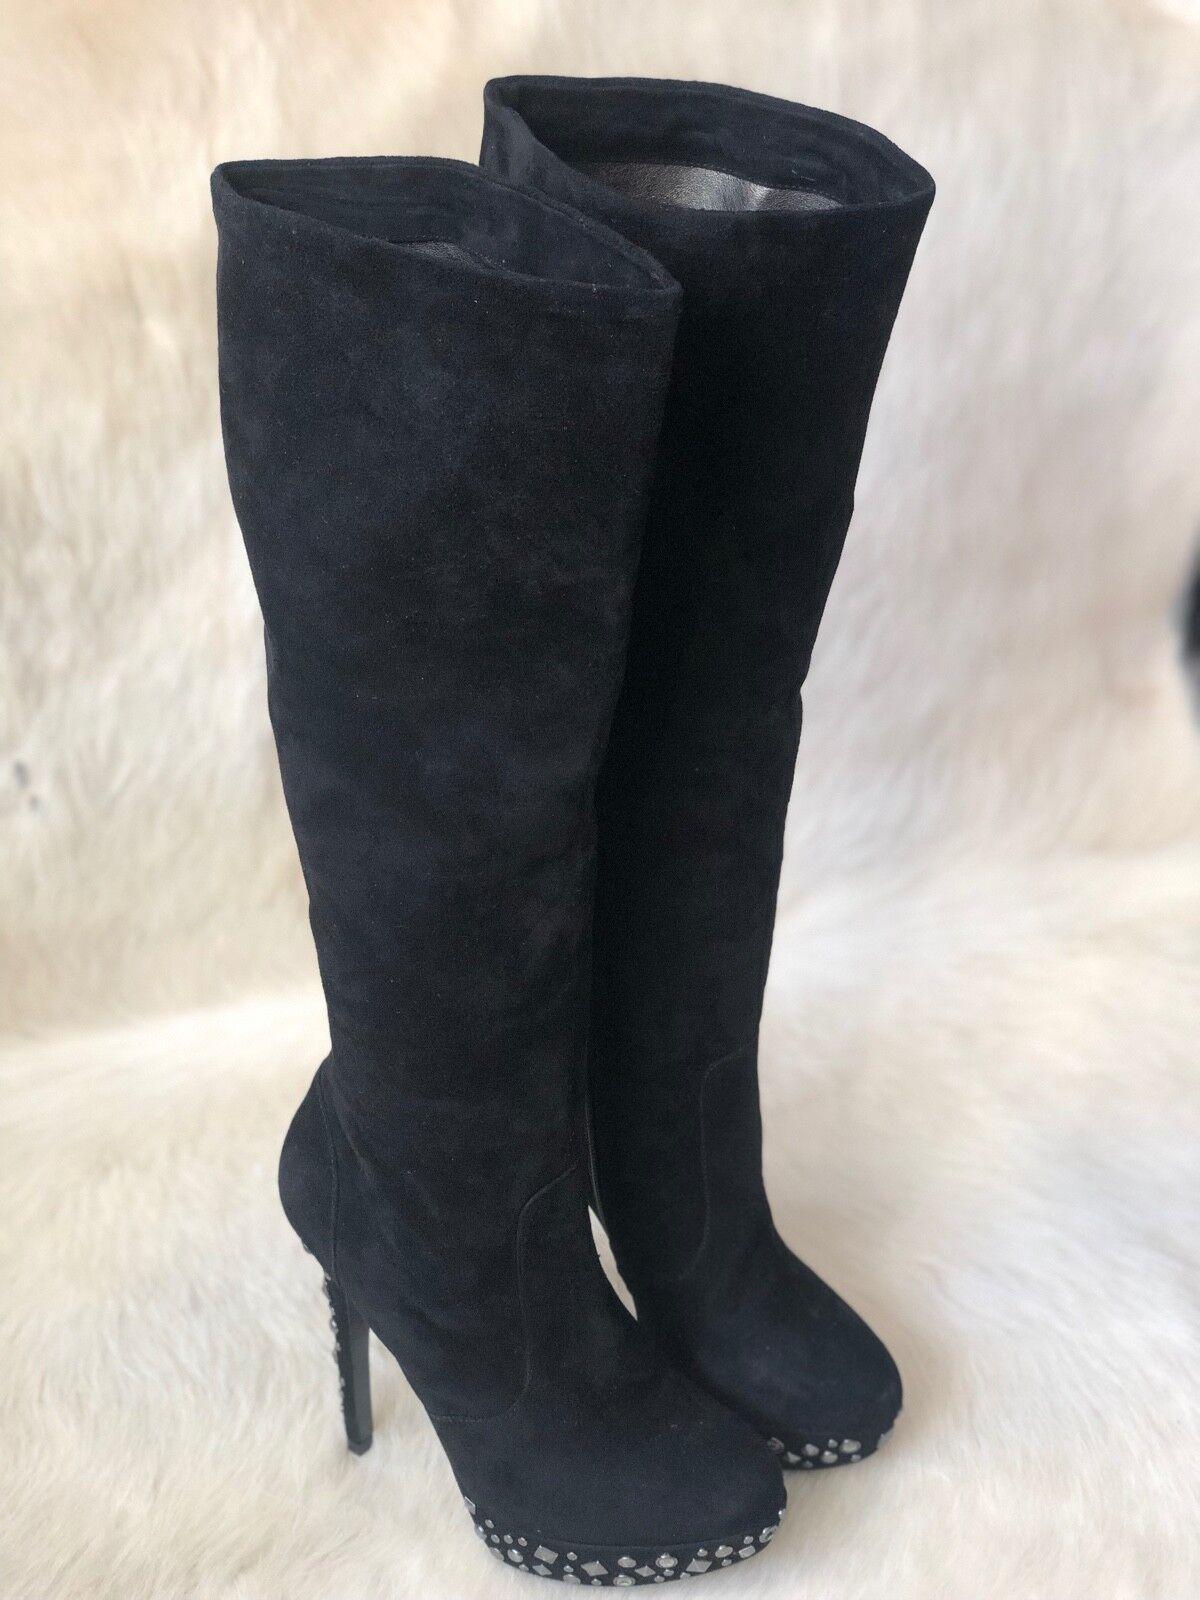 risparmia il 60% di sconto e la spedizione veloce in tutto il mondo Pelle Moda Piper nero Suede Knee High High High Heel stivali U.S. Sz 7  Sito ufficiale